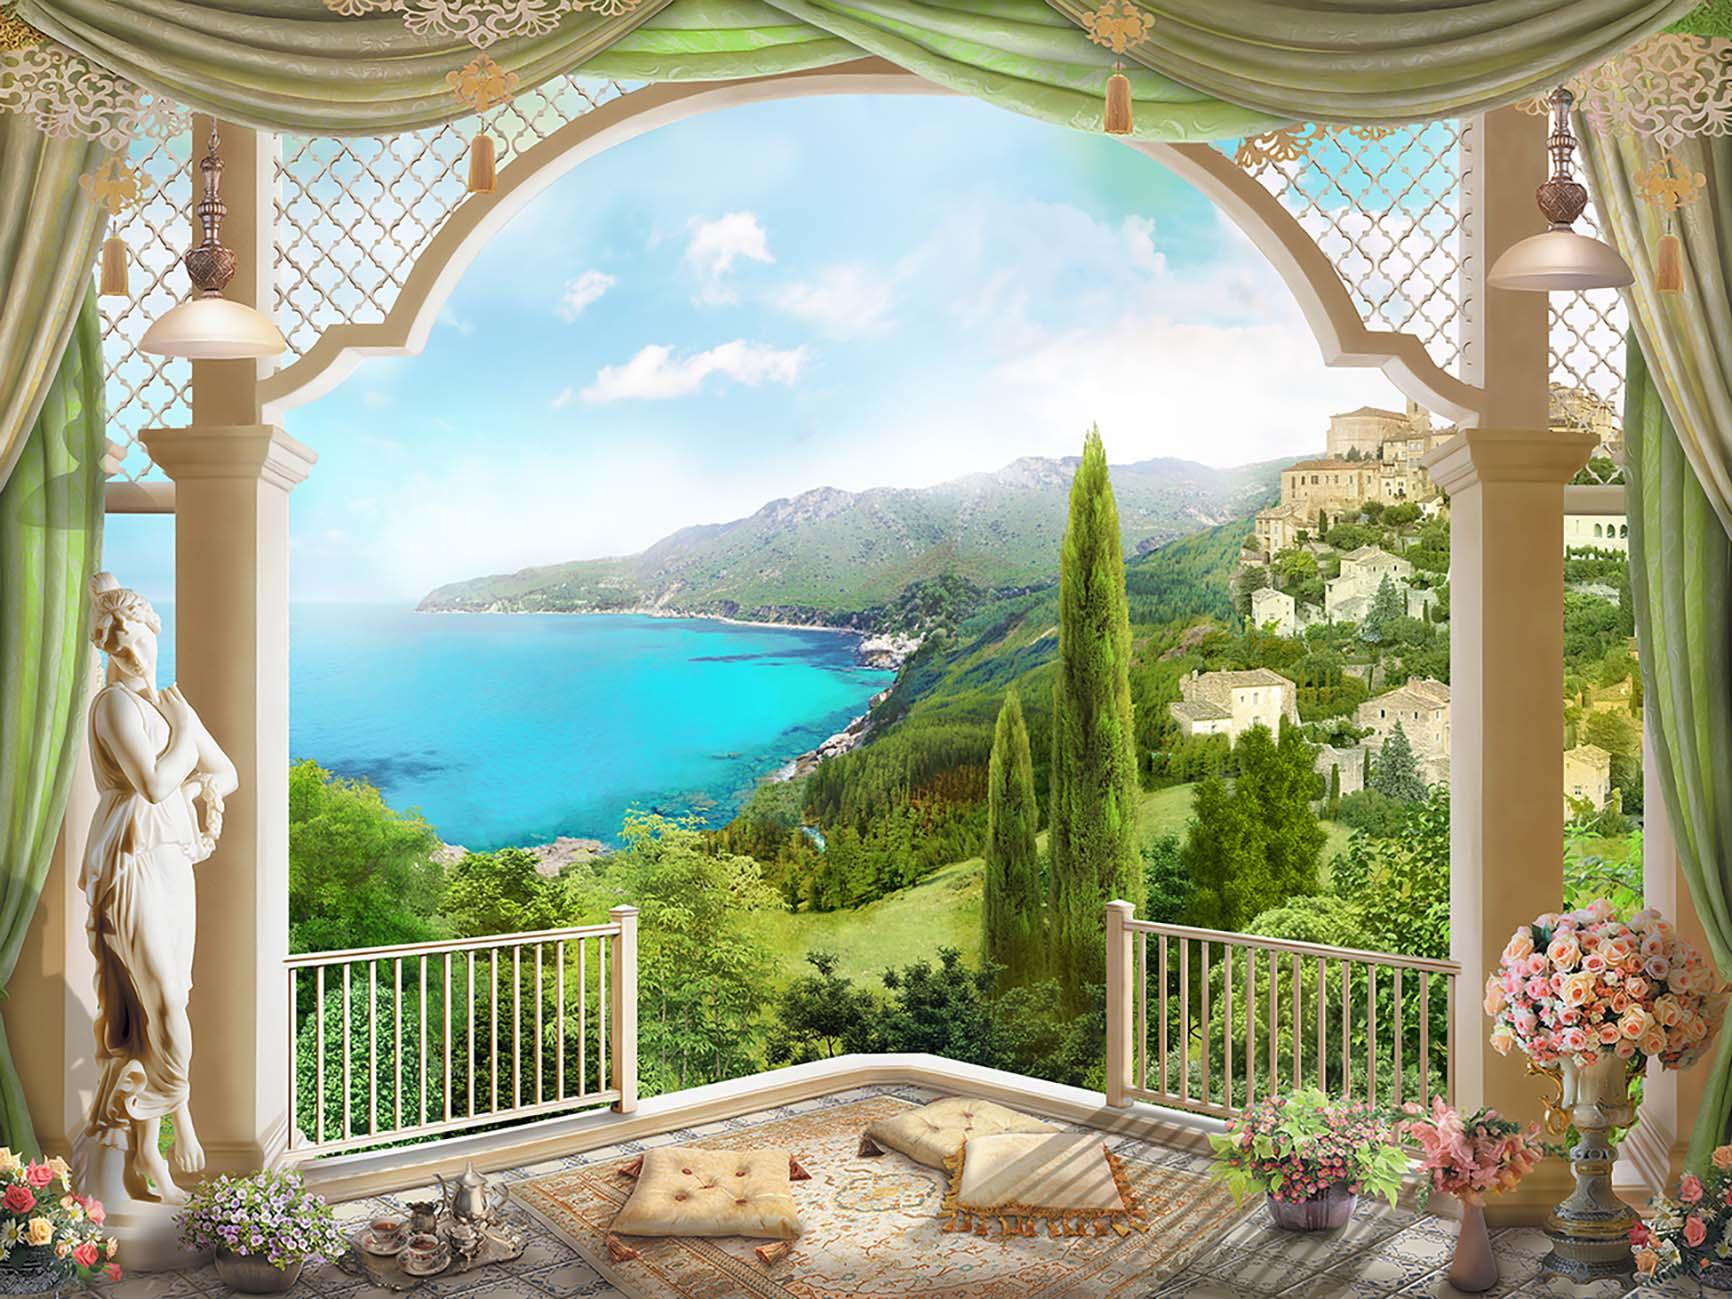 тому нас фотообои окно балкон сузлар хамма